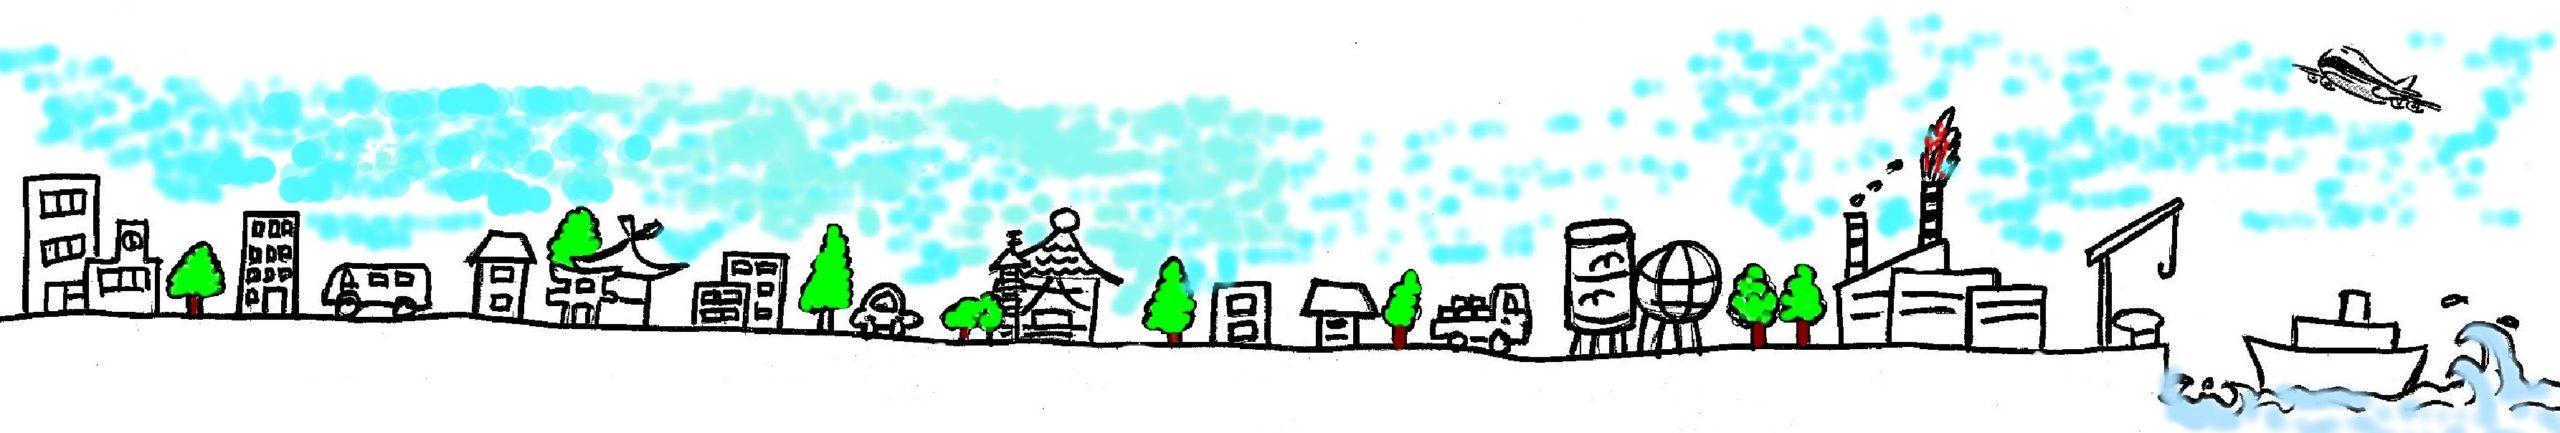 川崎の街並